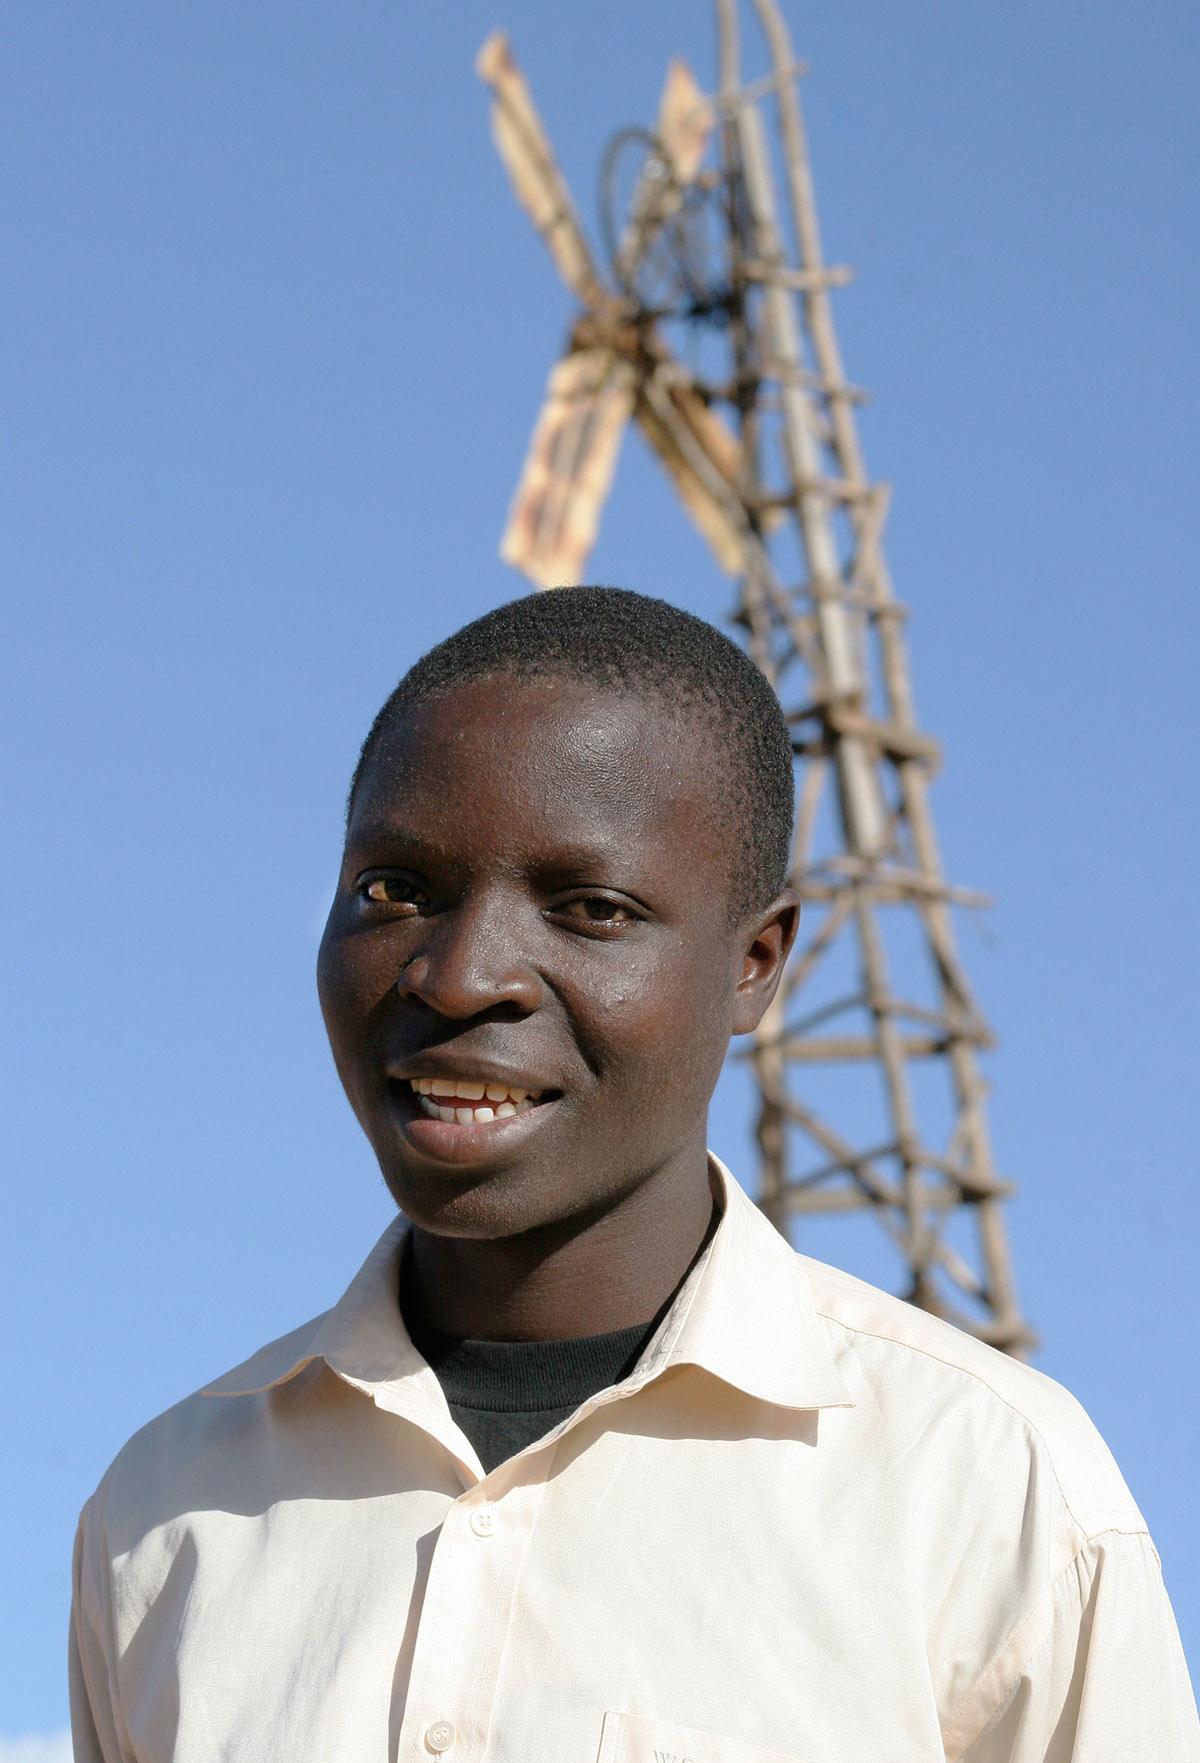 William Kamkwamba's windmills - Alessandro Benetton blog